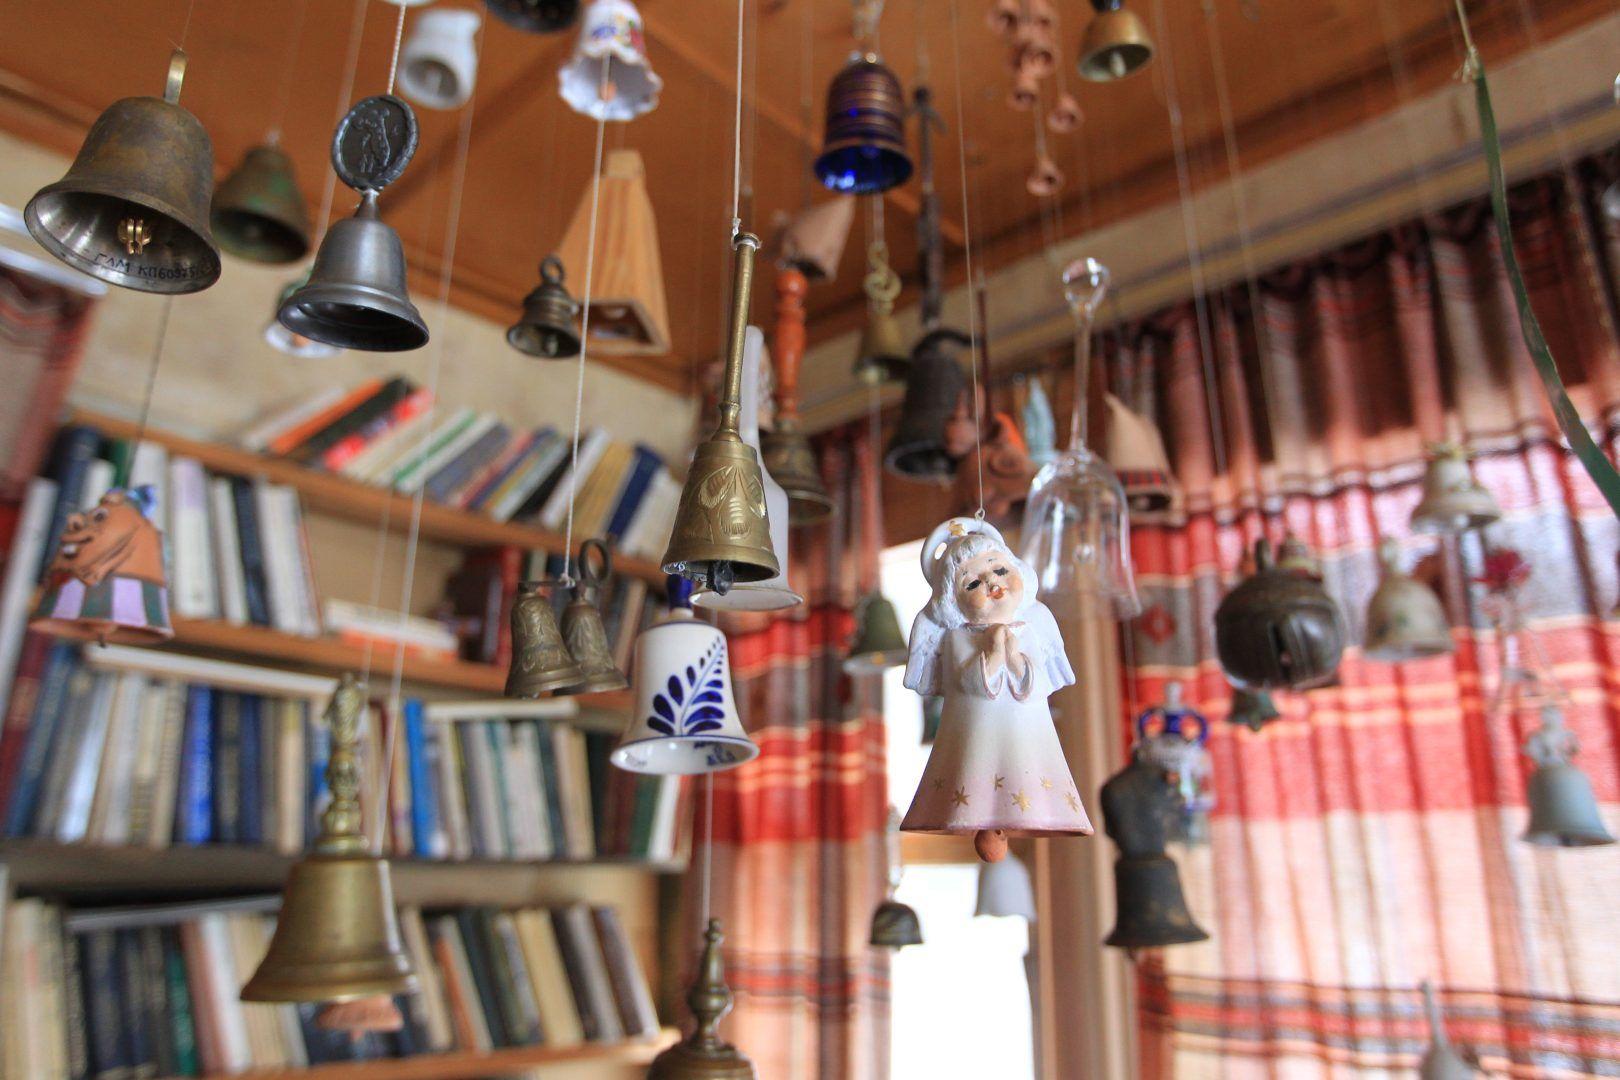 Над рабочим столом поэта до сих пор висит целая коллекция колокольчиков, подаренных близкими. А самый первый ему совершенно случайно подарила Белла Ахмадулина. После этого каждый из гостей считал своим долго приподнести Булату Шалвовичу такой подарок. Фото: Владимир Смоляков.